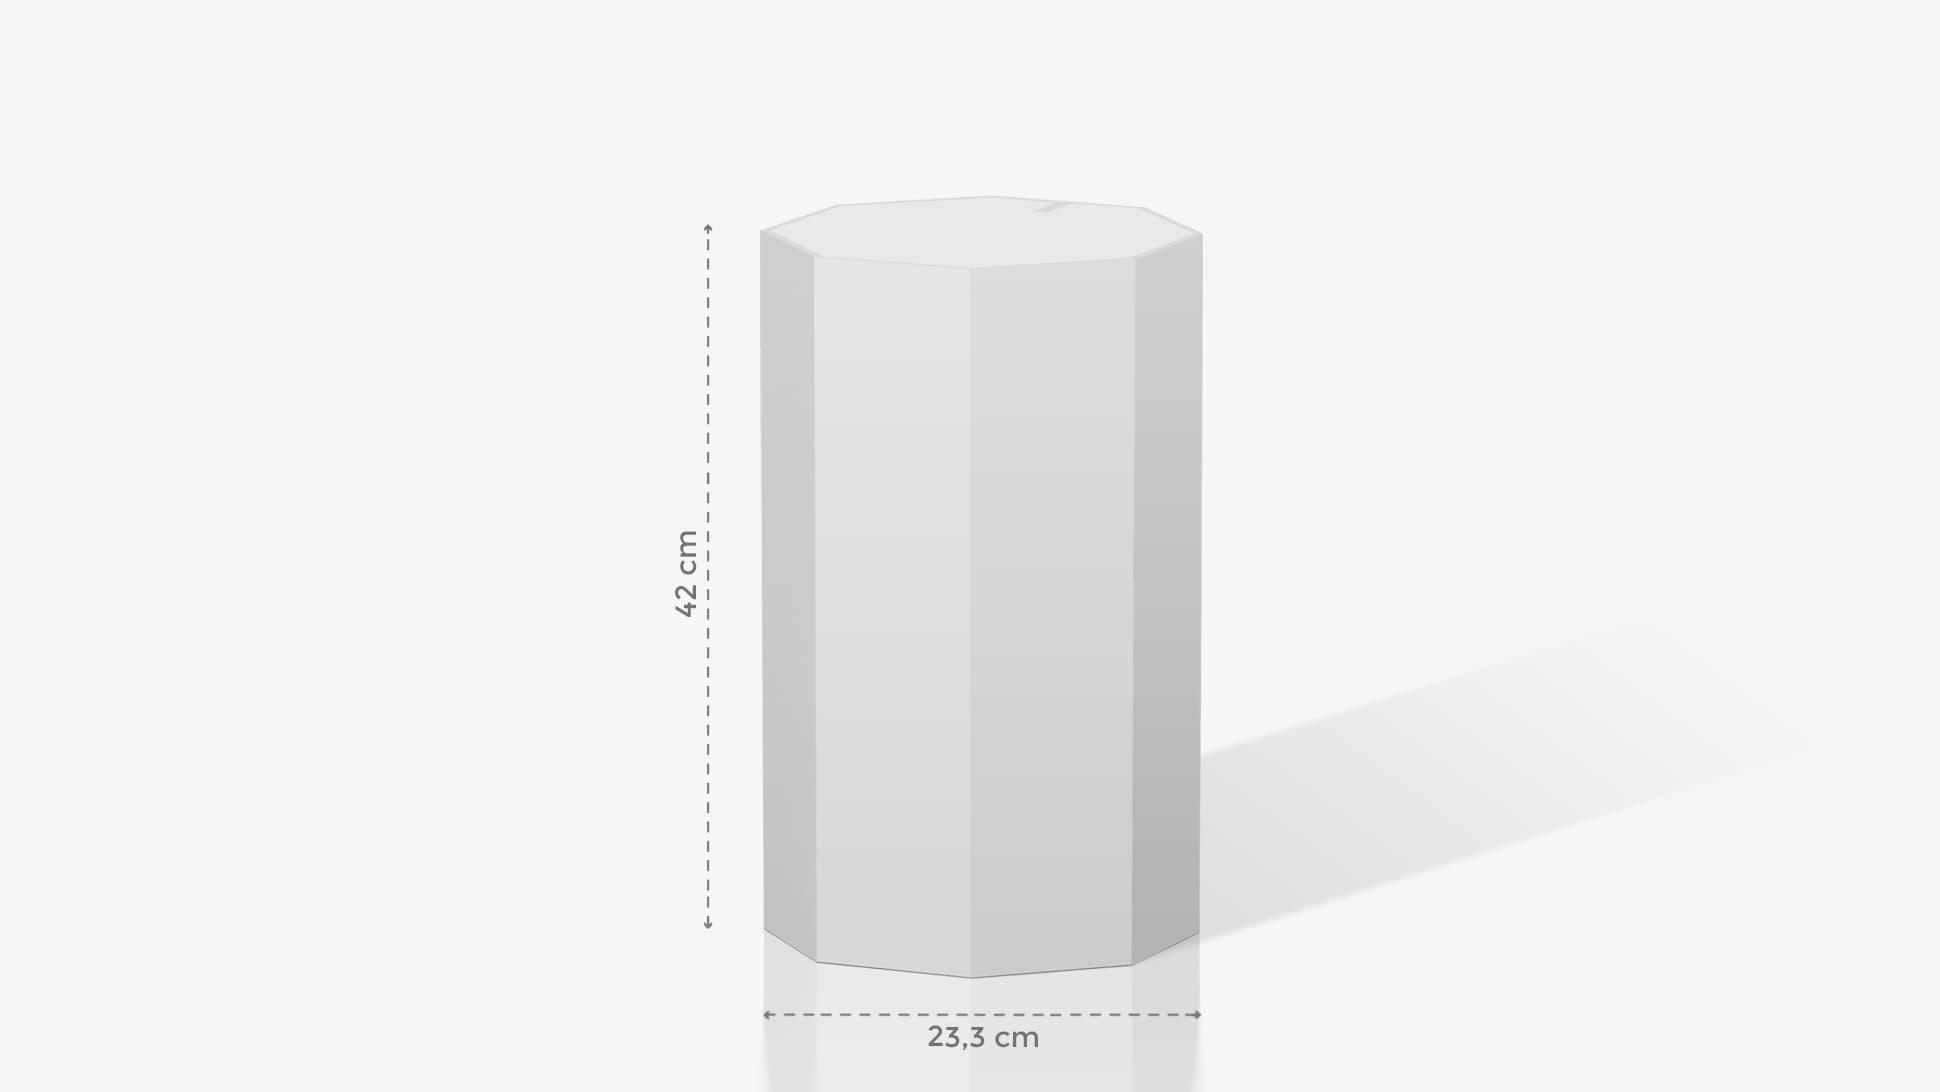 Espositore a ottagono piccolo personalizzabile | tictac.it